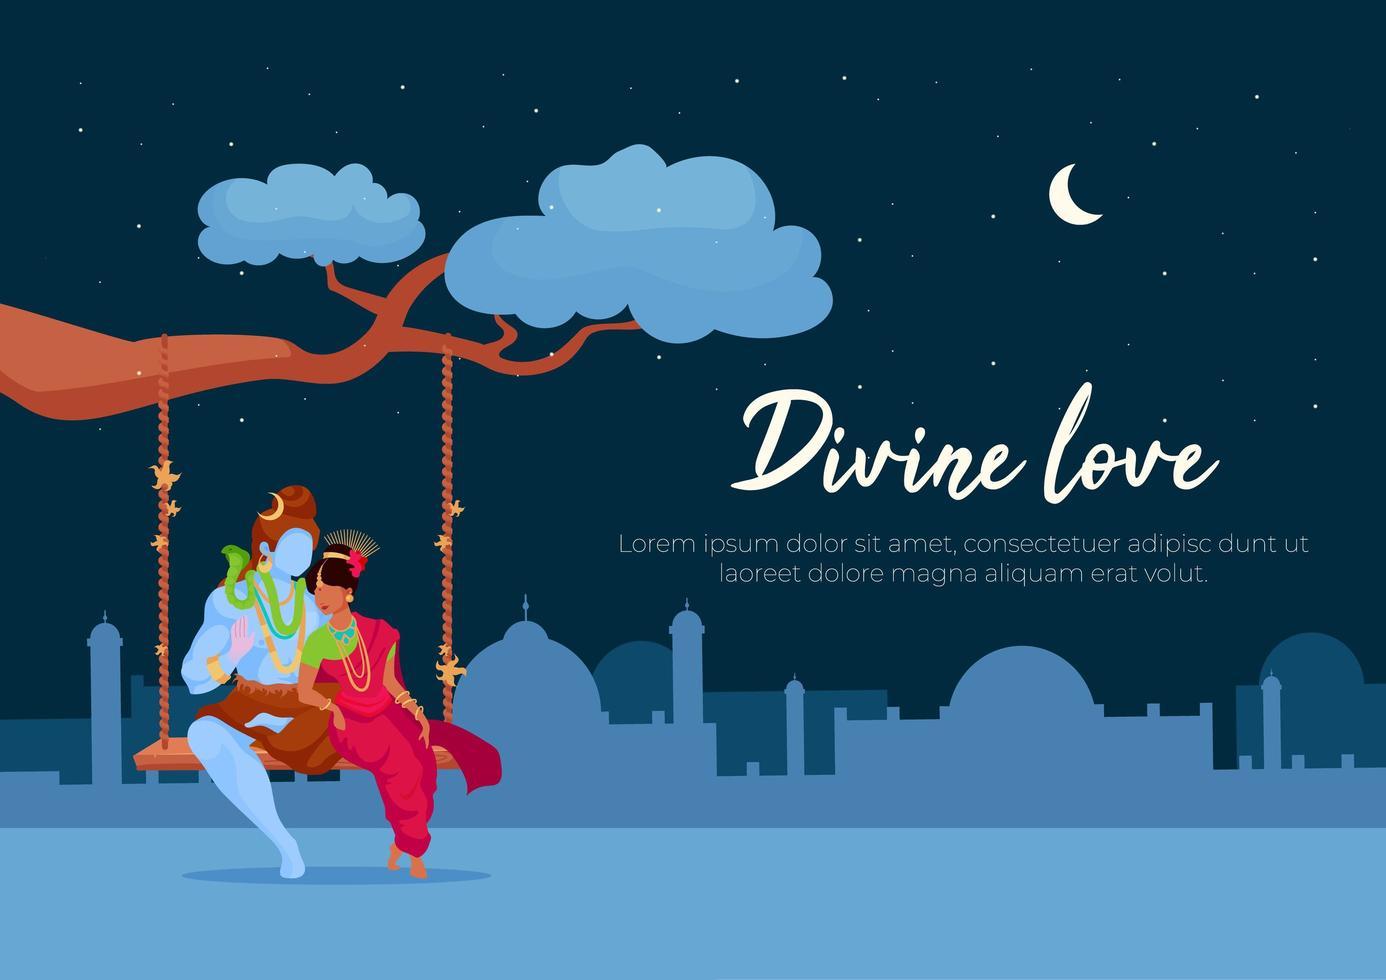 goddelijke liefde poster vector